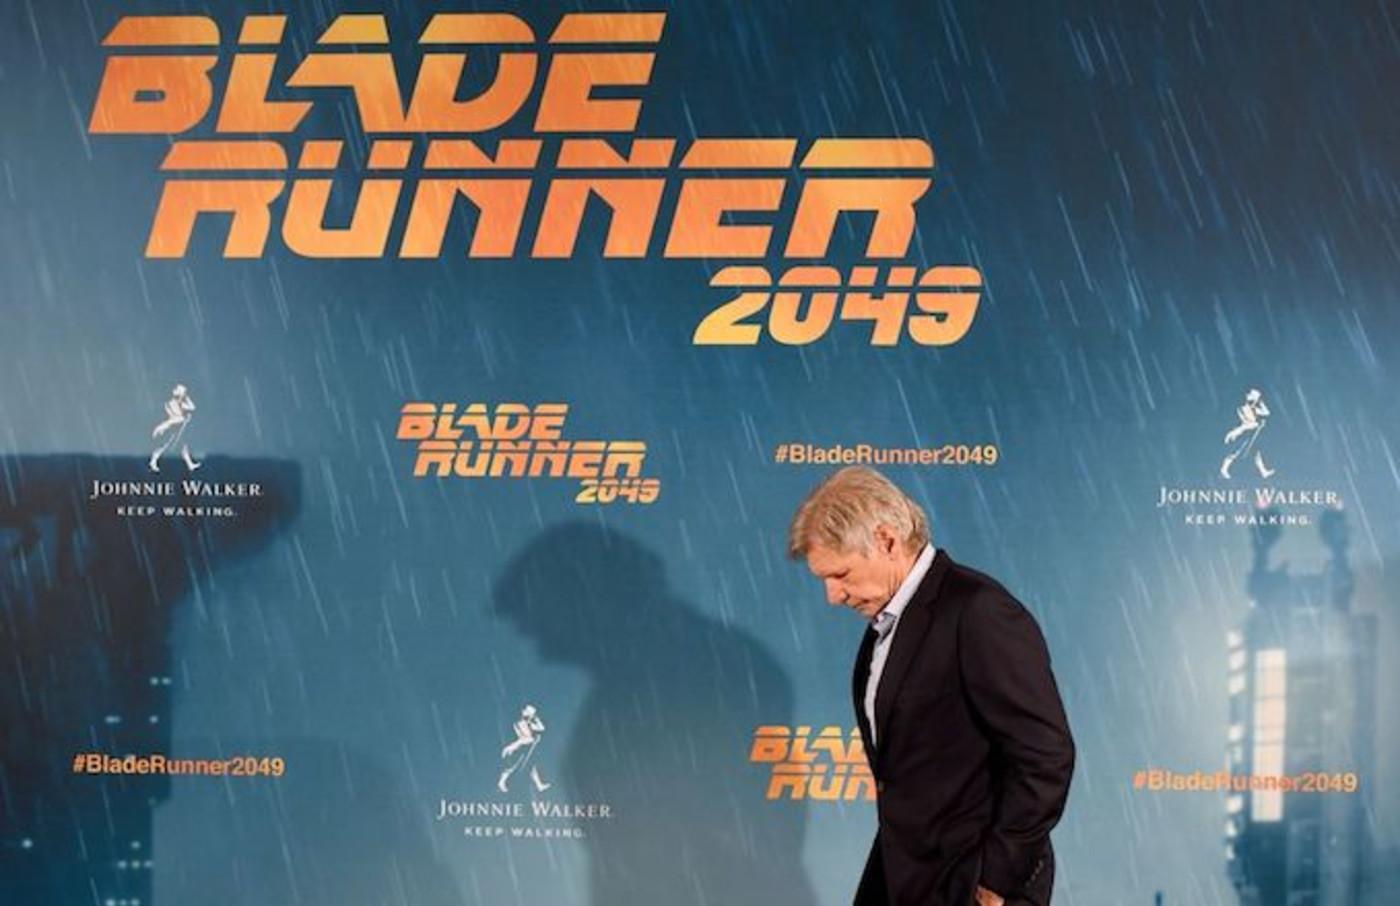 Blade Runner anime series